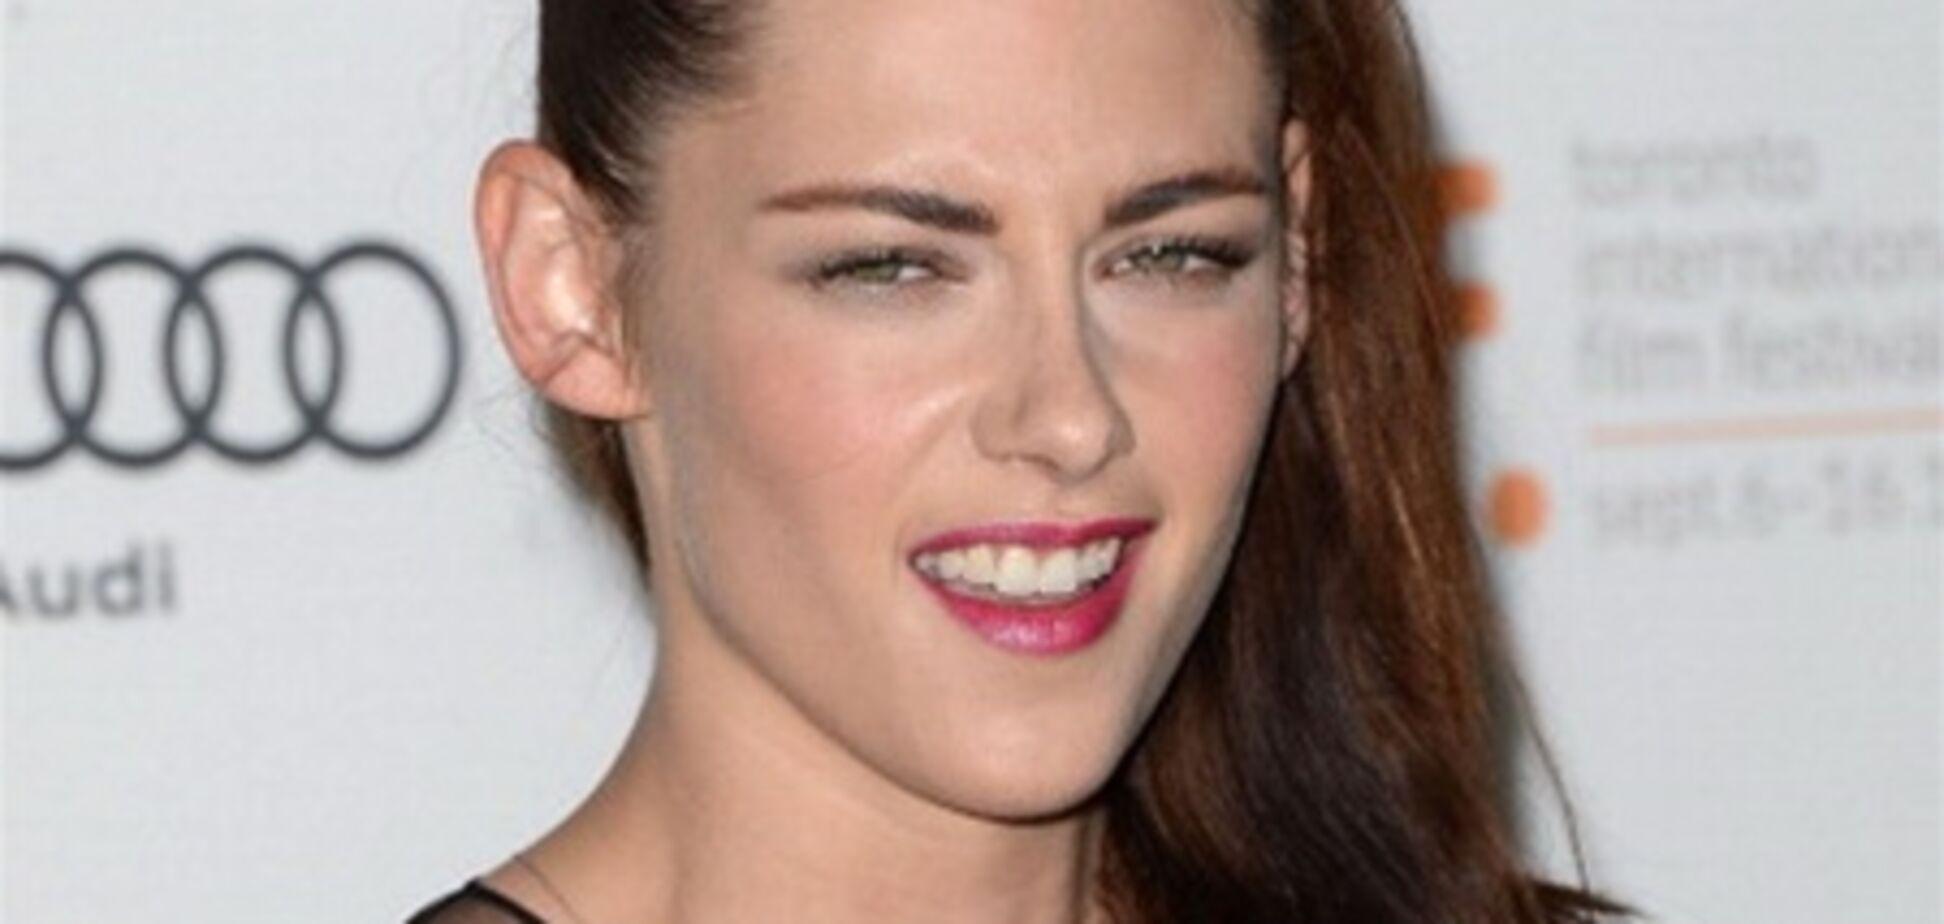 Кристен Стюарт на кинофестивале в Торонто: пытается улыбаться...